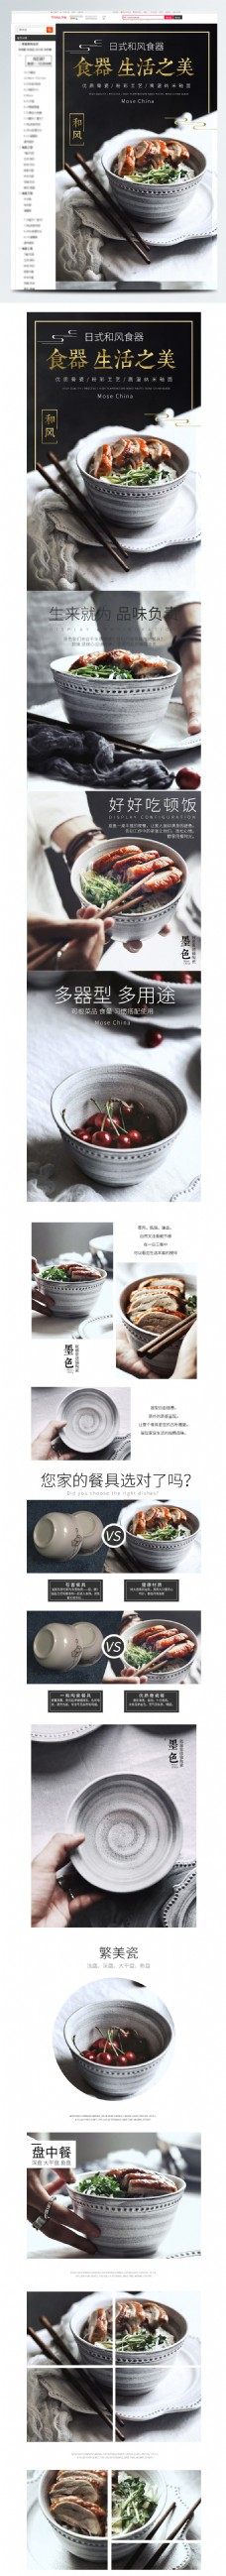 黑色大气风格日式餐具中式餐具详情页模板